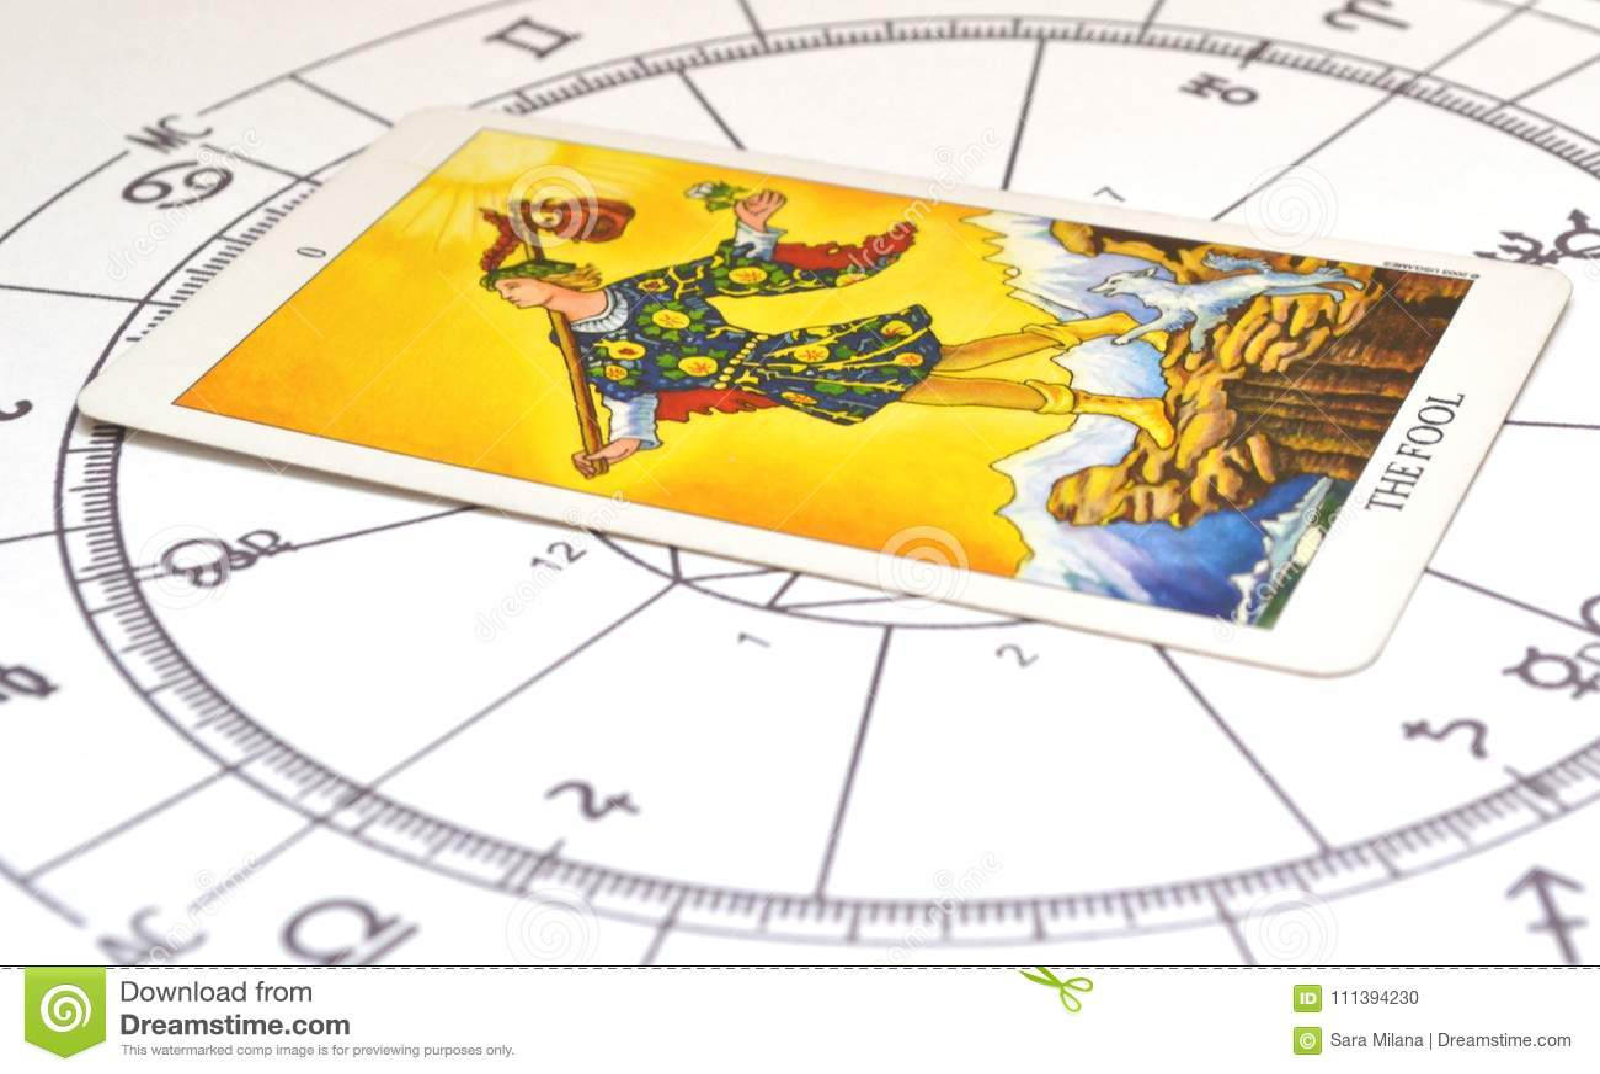 Tarot и астрология Карточка дурачка на диаграмме astro